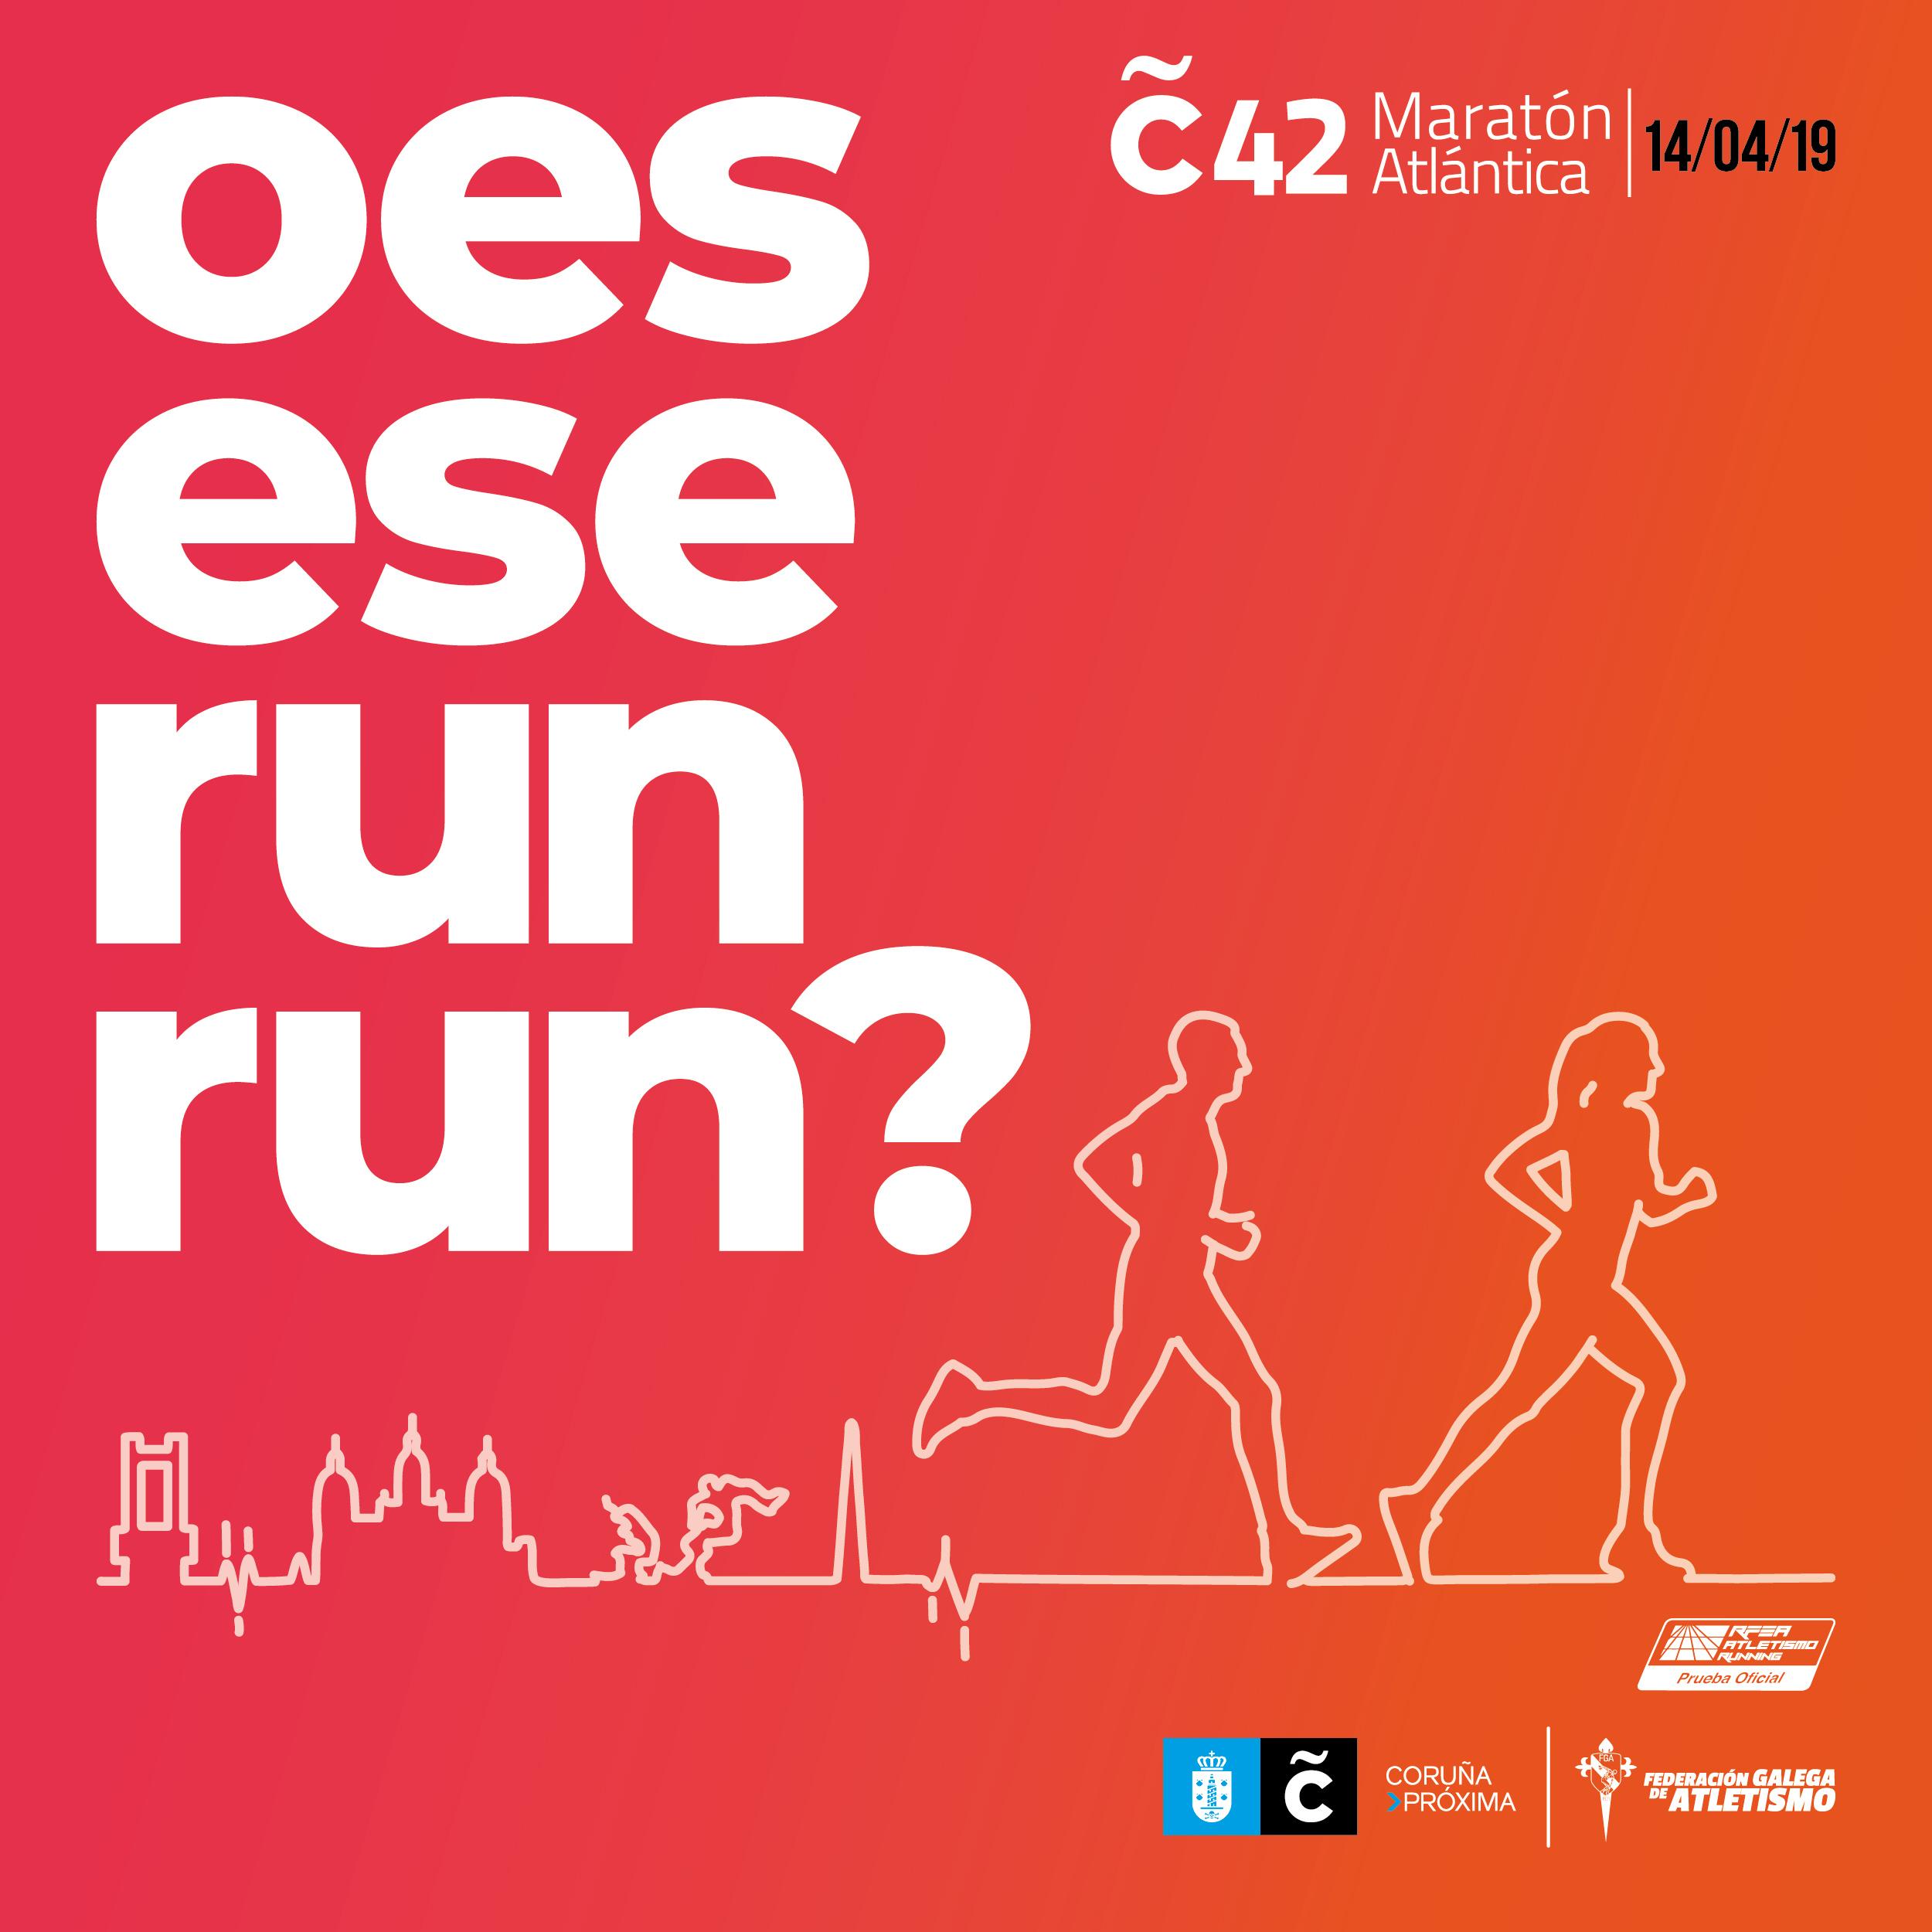 XII Campionato de Galicia de Maratón – VIII C42 Maratón Atlántica e 10Km